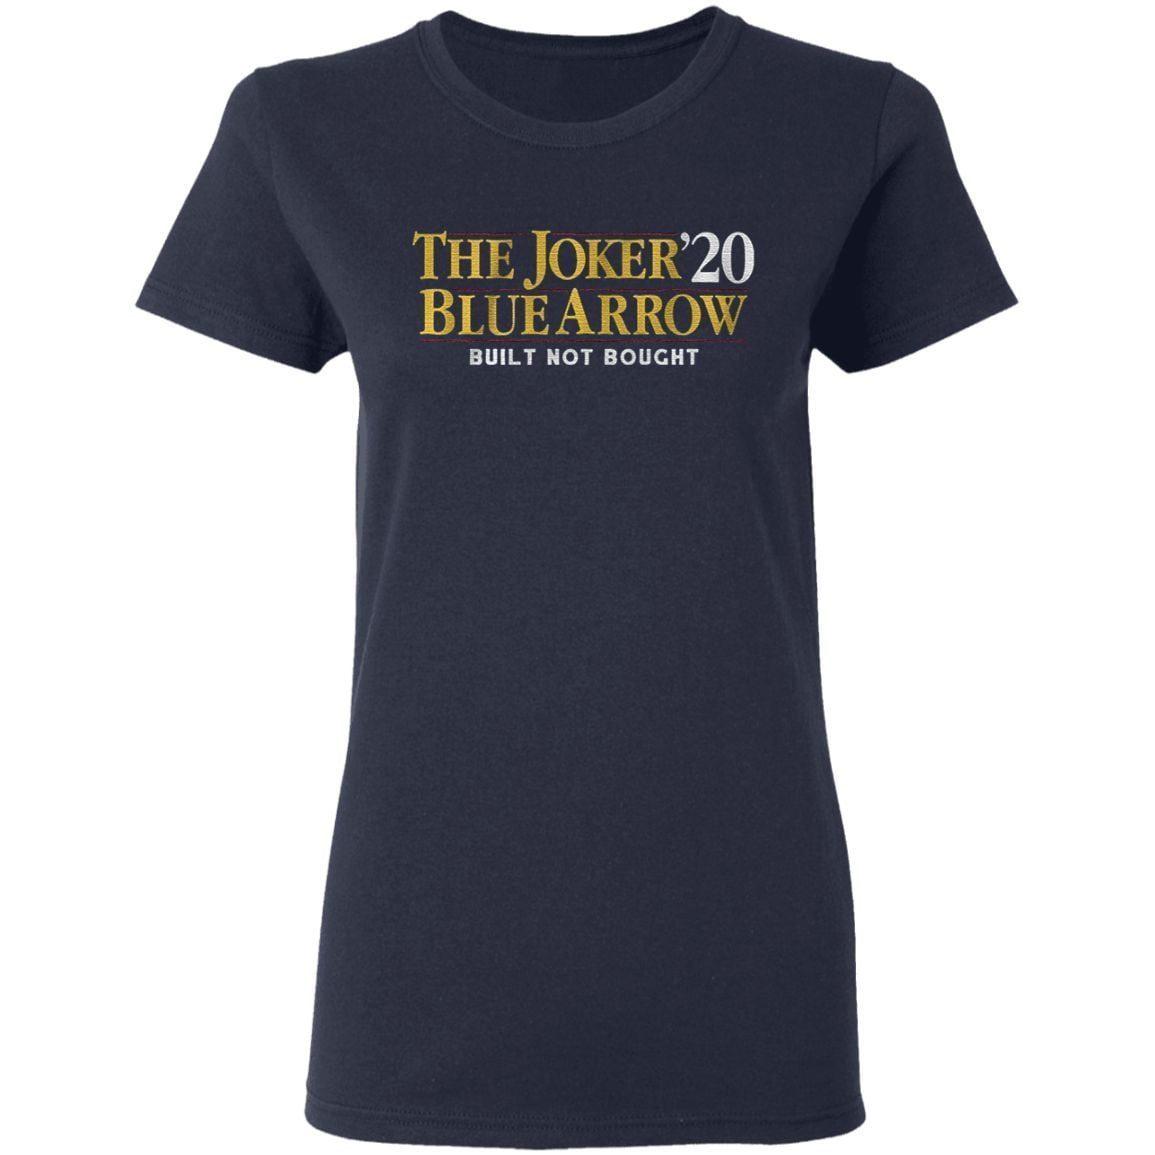 the joker blue arrow 2020 built not bought t shirt